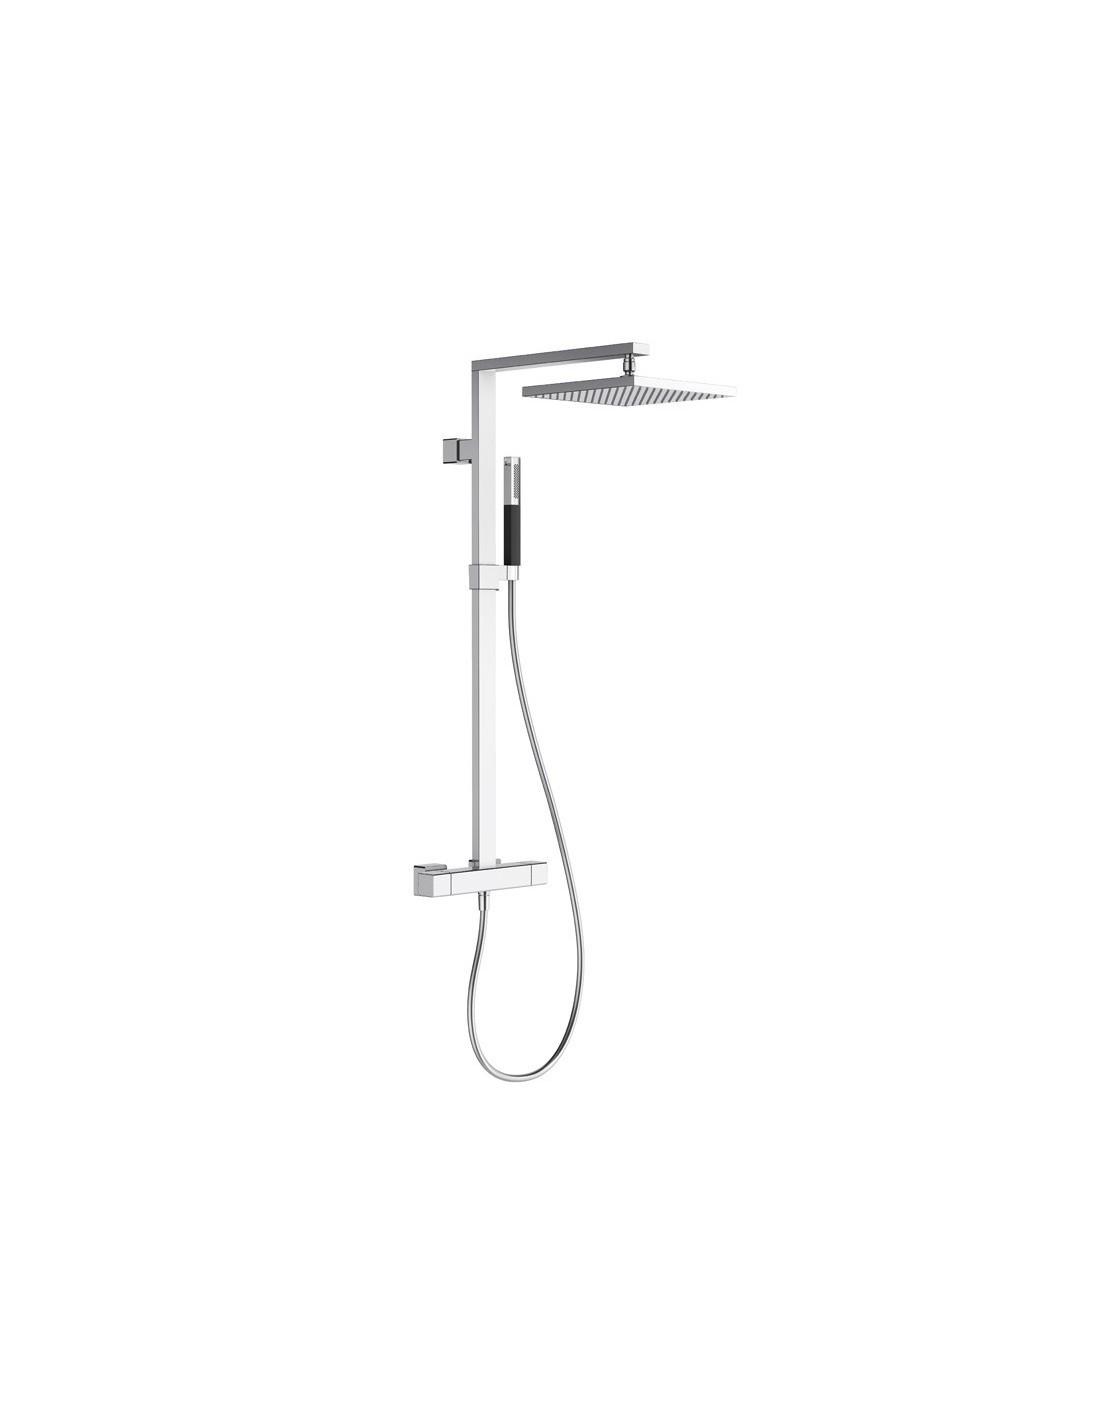 Colonne de douche avec mitigeur thermostatique et douche de t te carr e strayt jacob delafon - Mitigeur douche pas cher ...